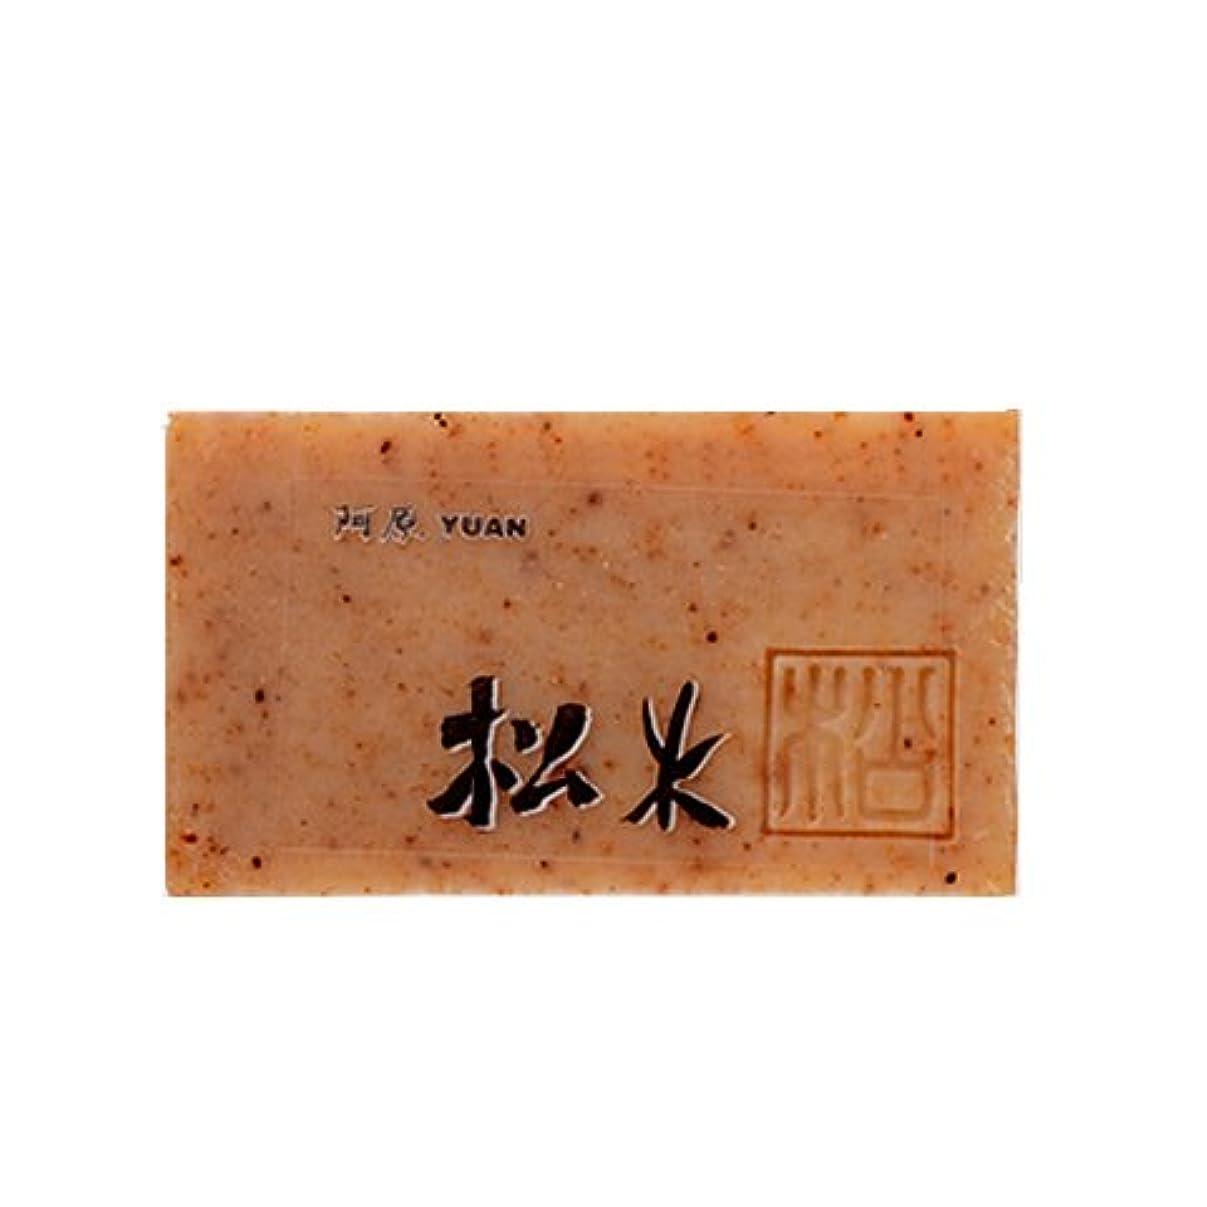 脱臼するなめるドールユアン(YUAN) ユアンソープ 松木(まつのき)ソープ 100g (阿原 石けん 台湾コスメ)